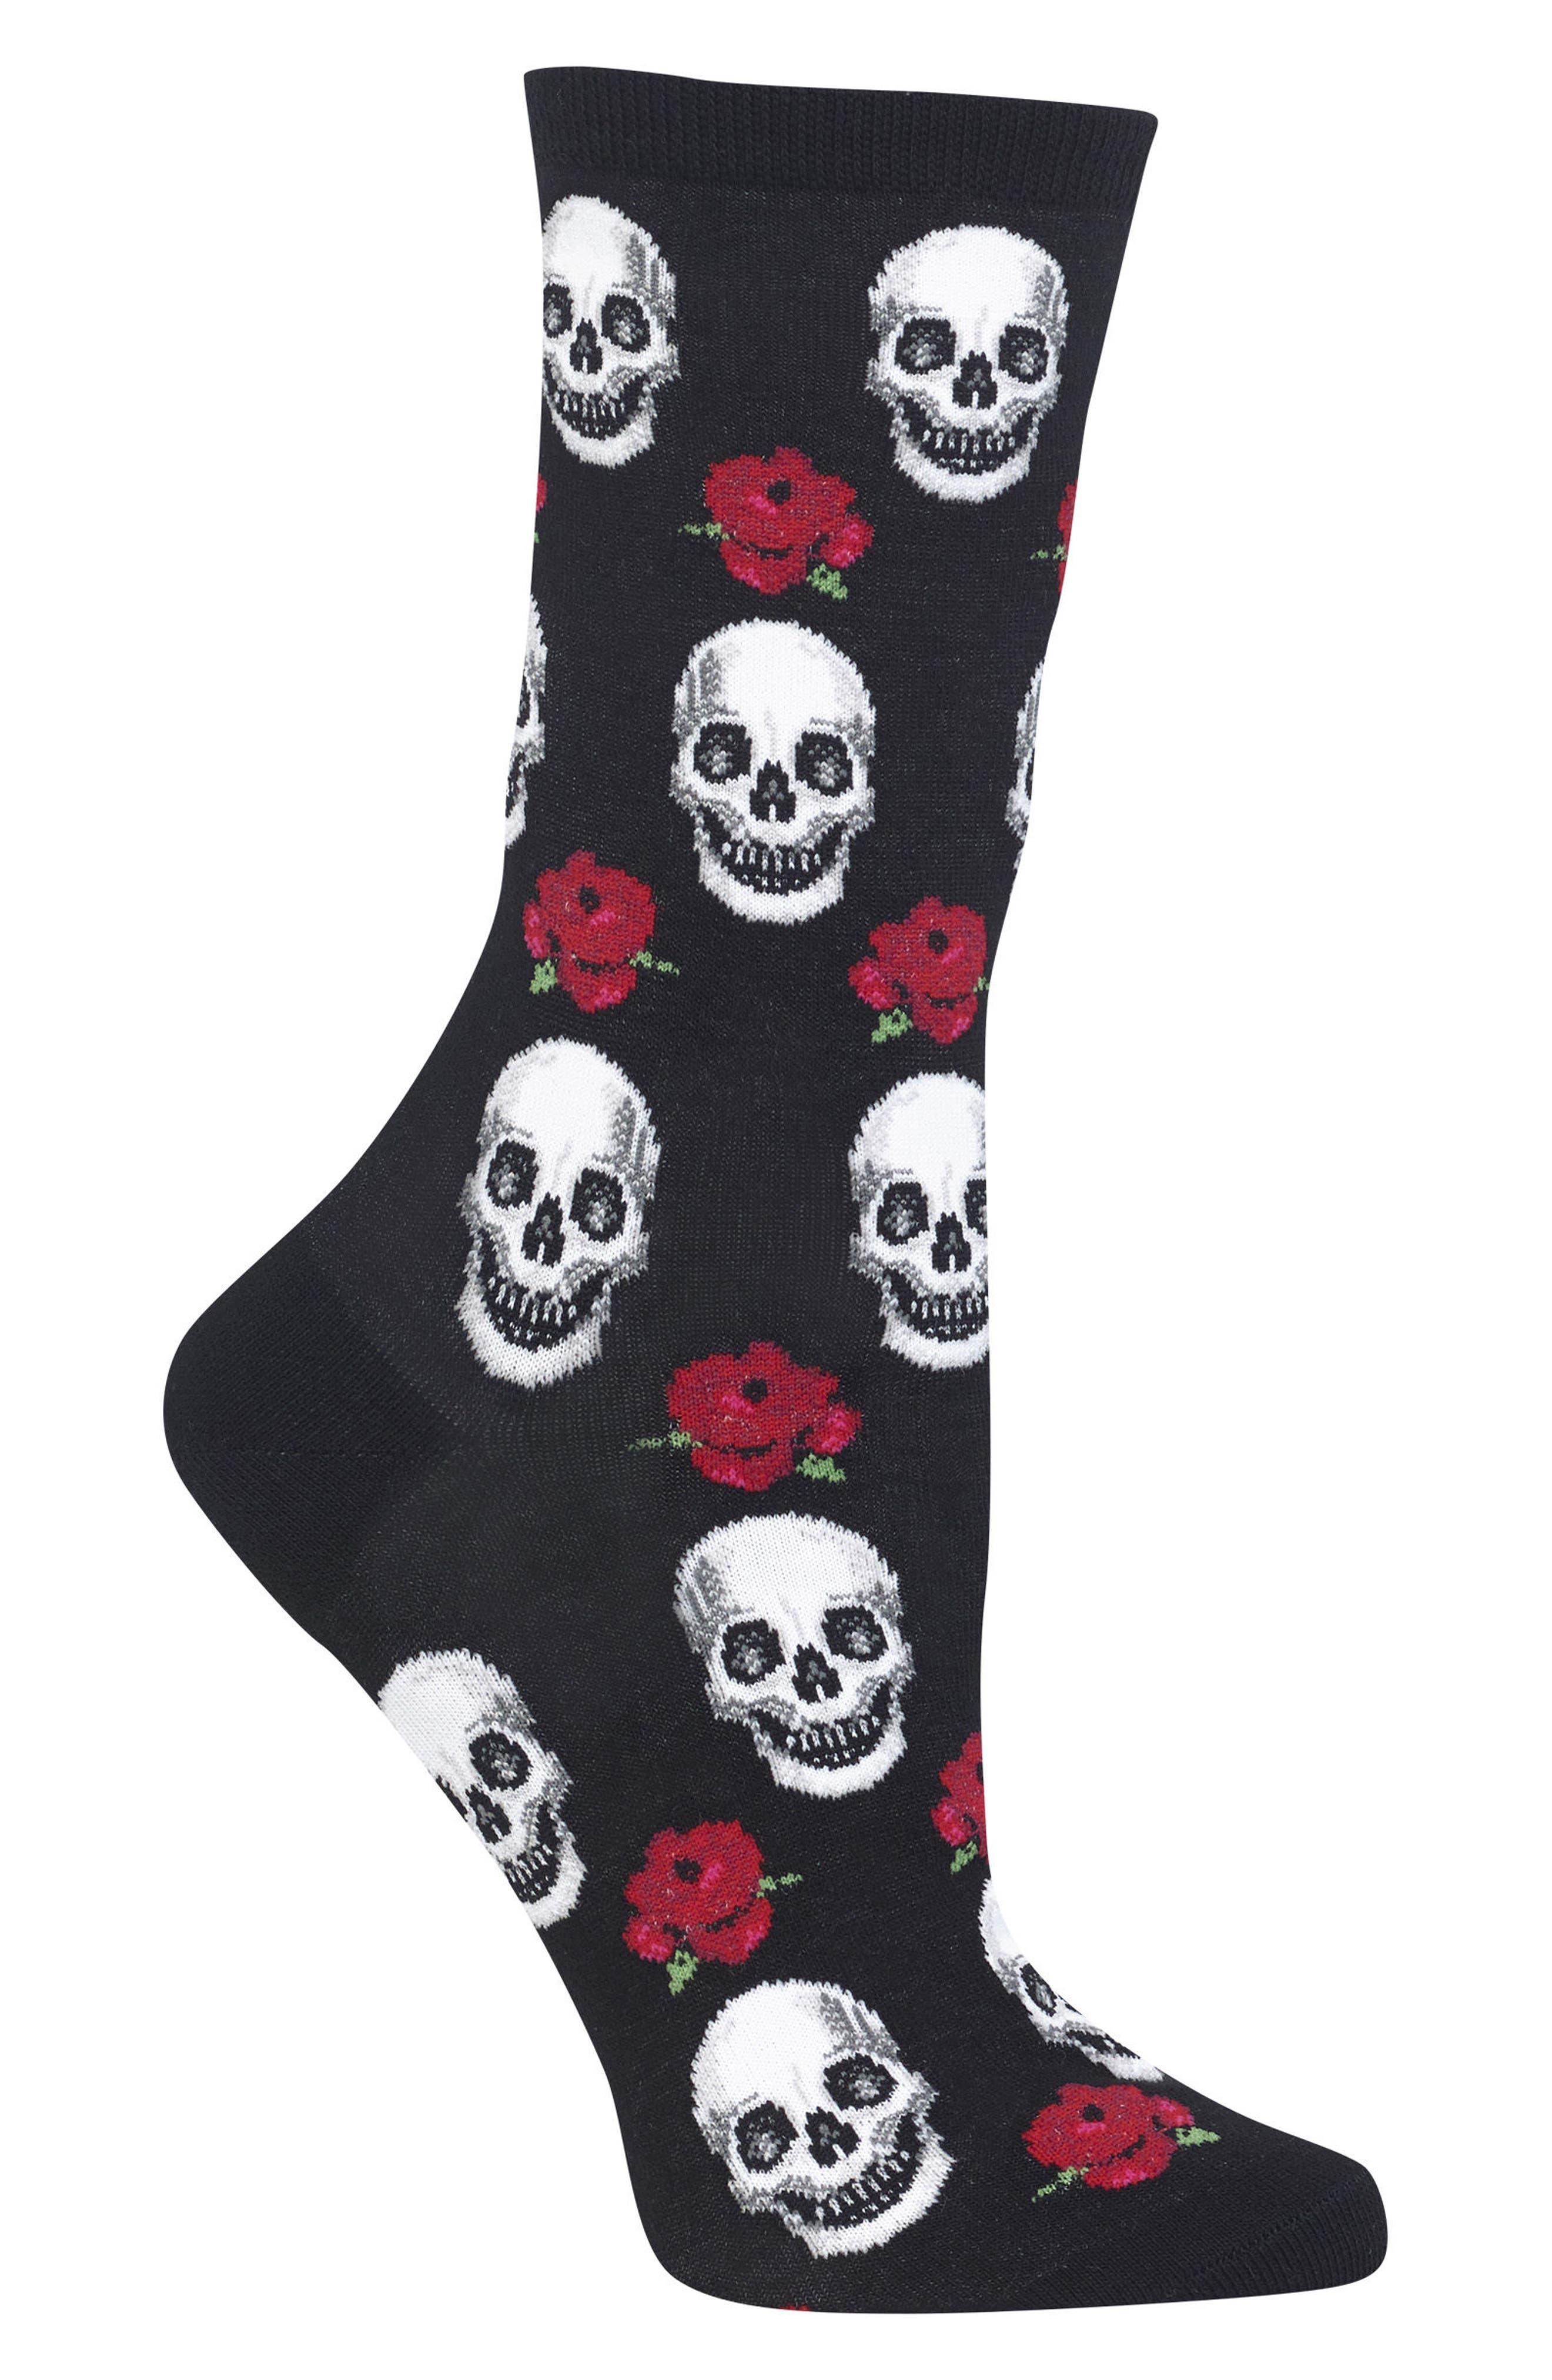 Skull & Roses Crew Socks,                             Alternate thumbnail 2, color,                             001